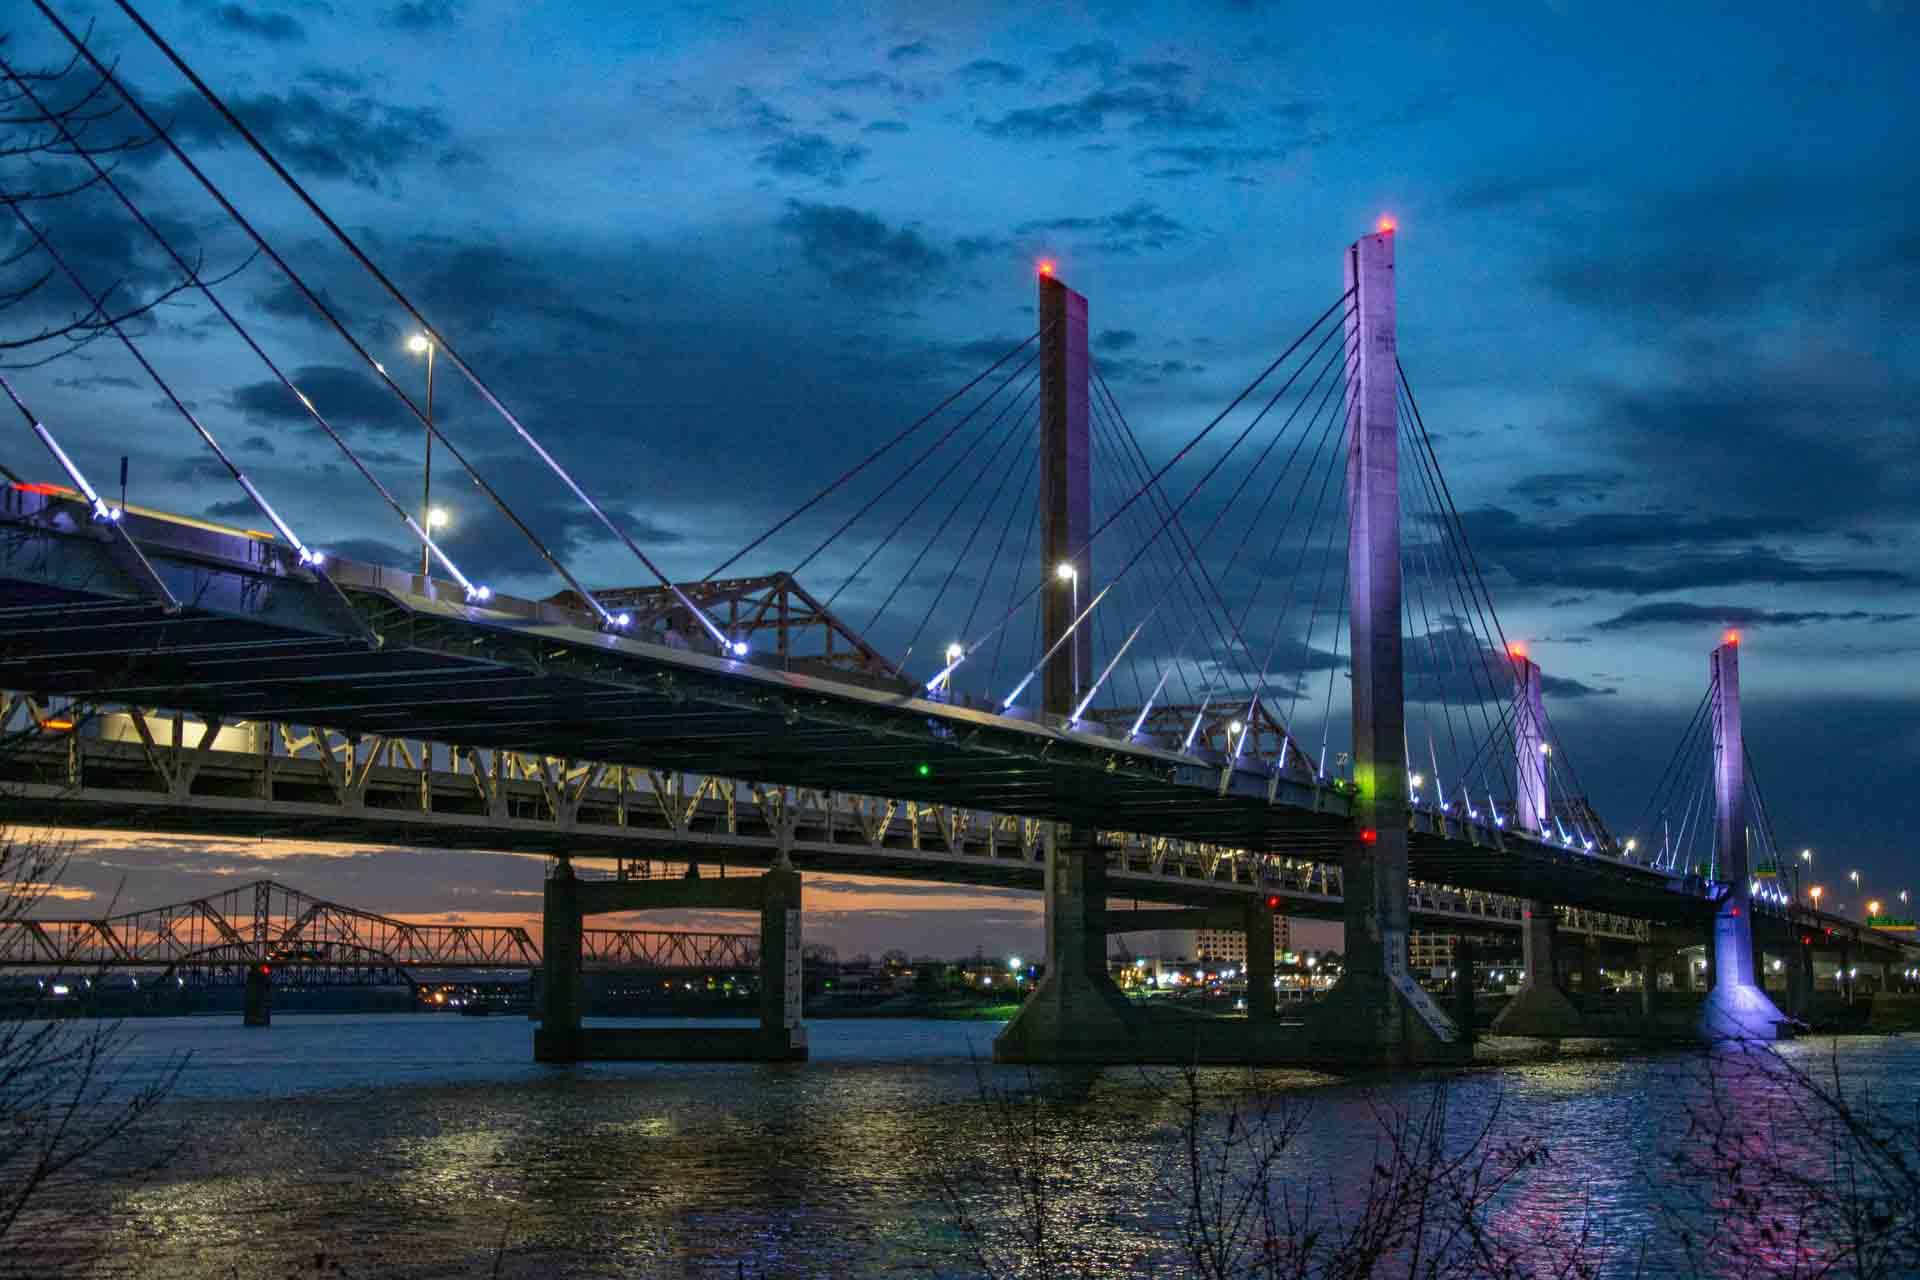 Louisville Kentucky bridge at night